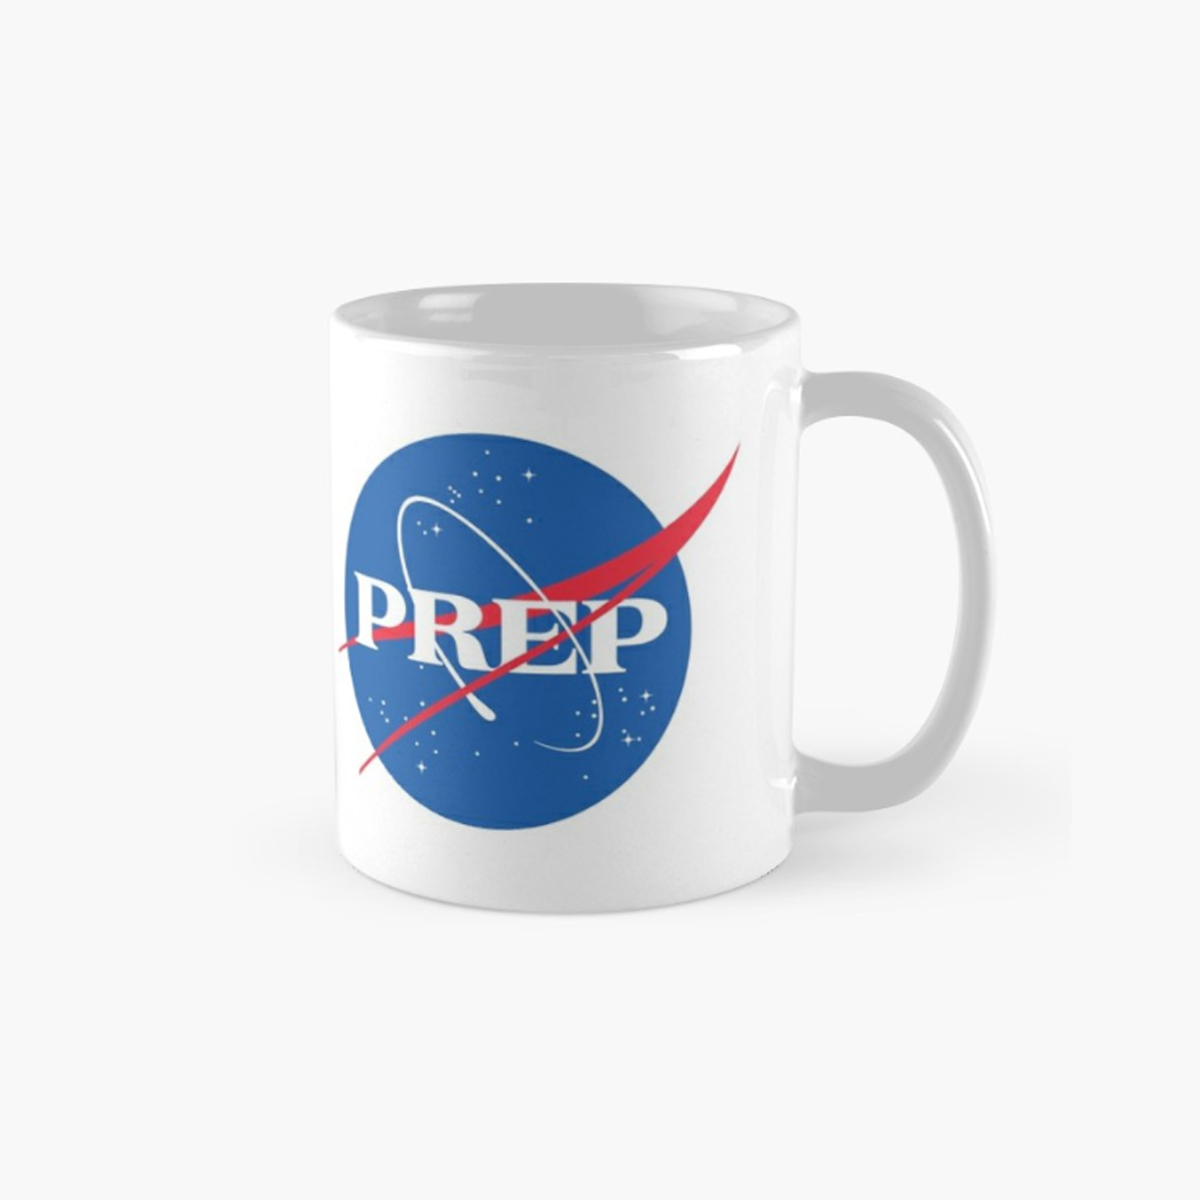 nasa-prep-mug.jpg